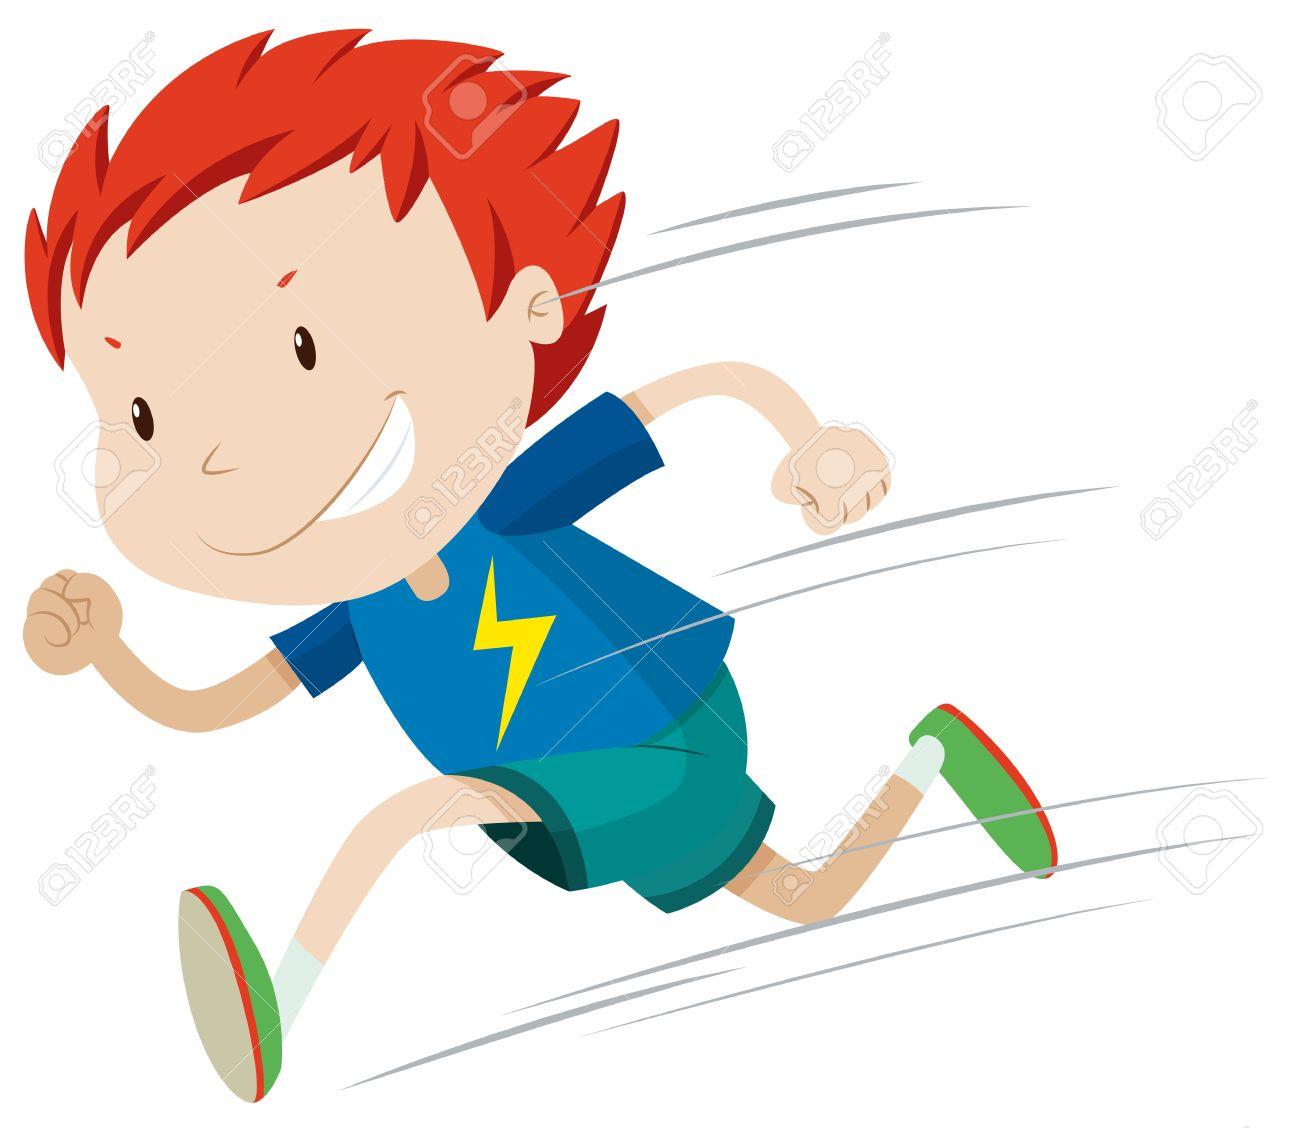 hight resolution of boy running very fast illustration stock vector 48543510